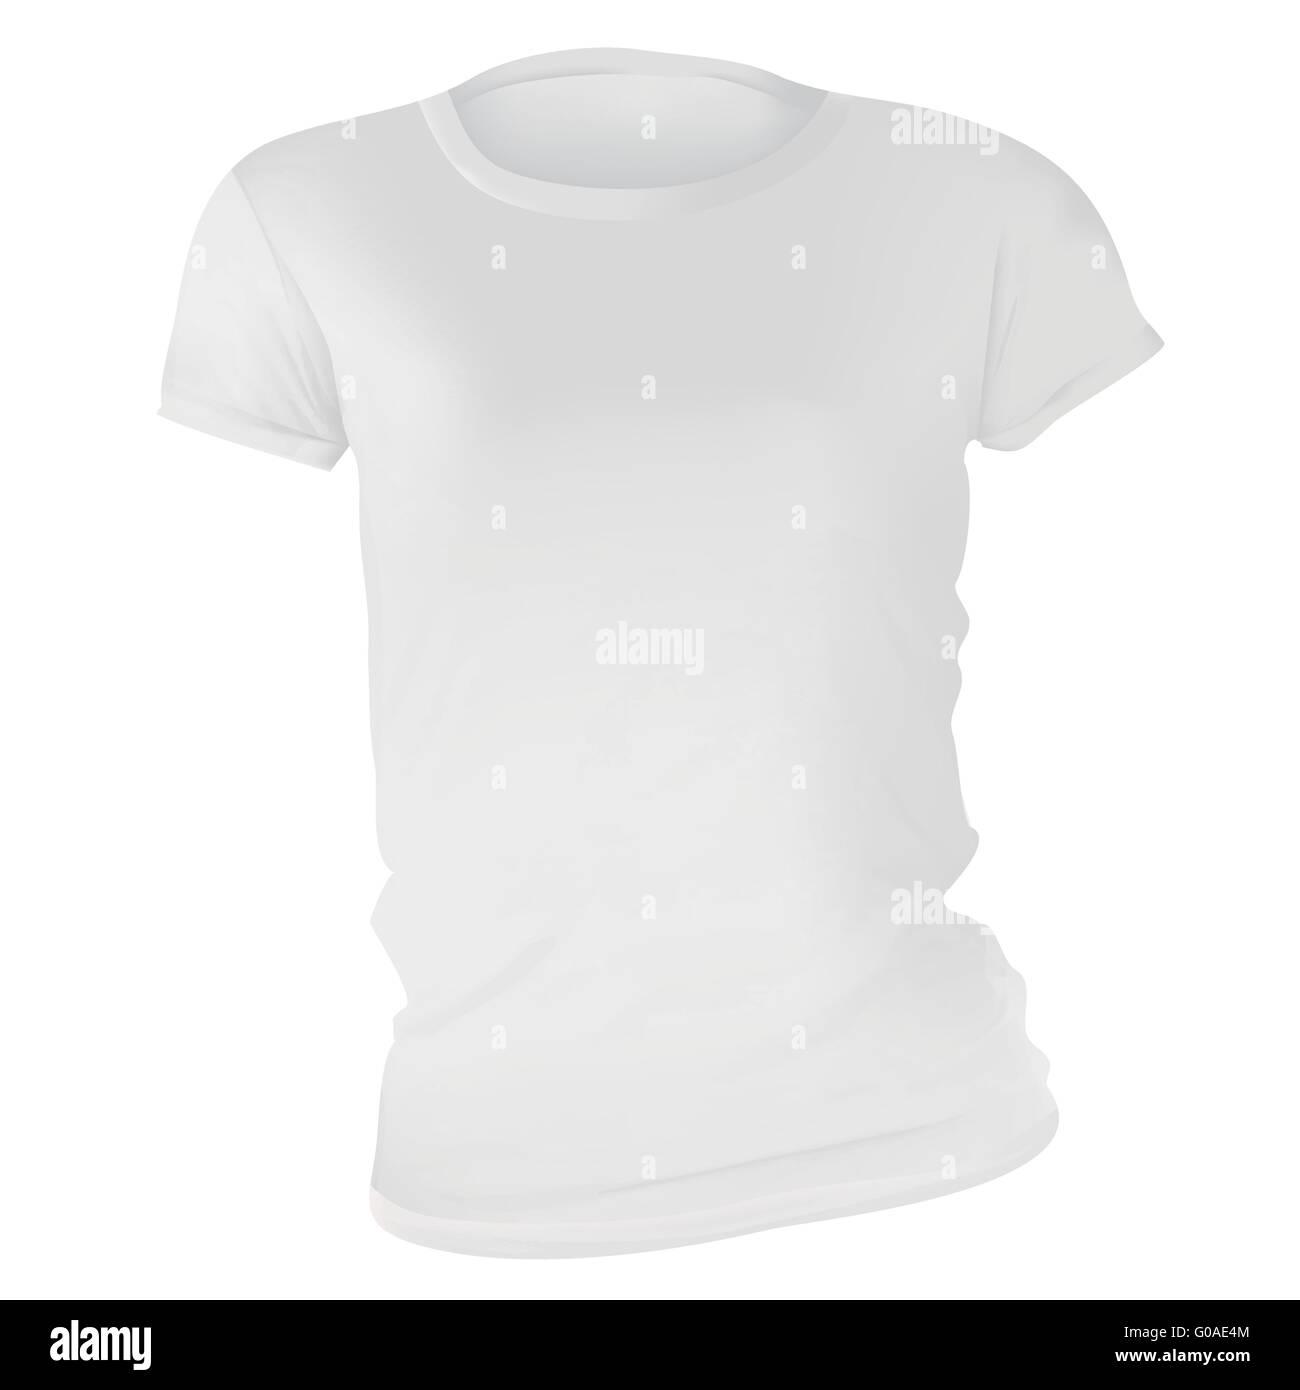 Fein T Shirt Vorlagen Für Illustrator Zeitgenössisch - Entry Level ...